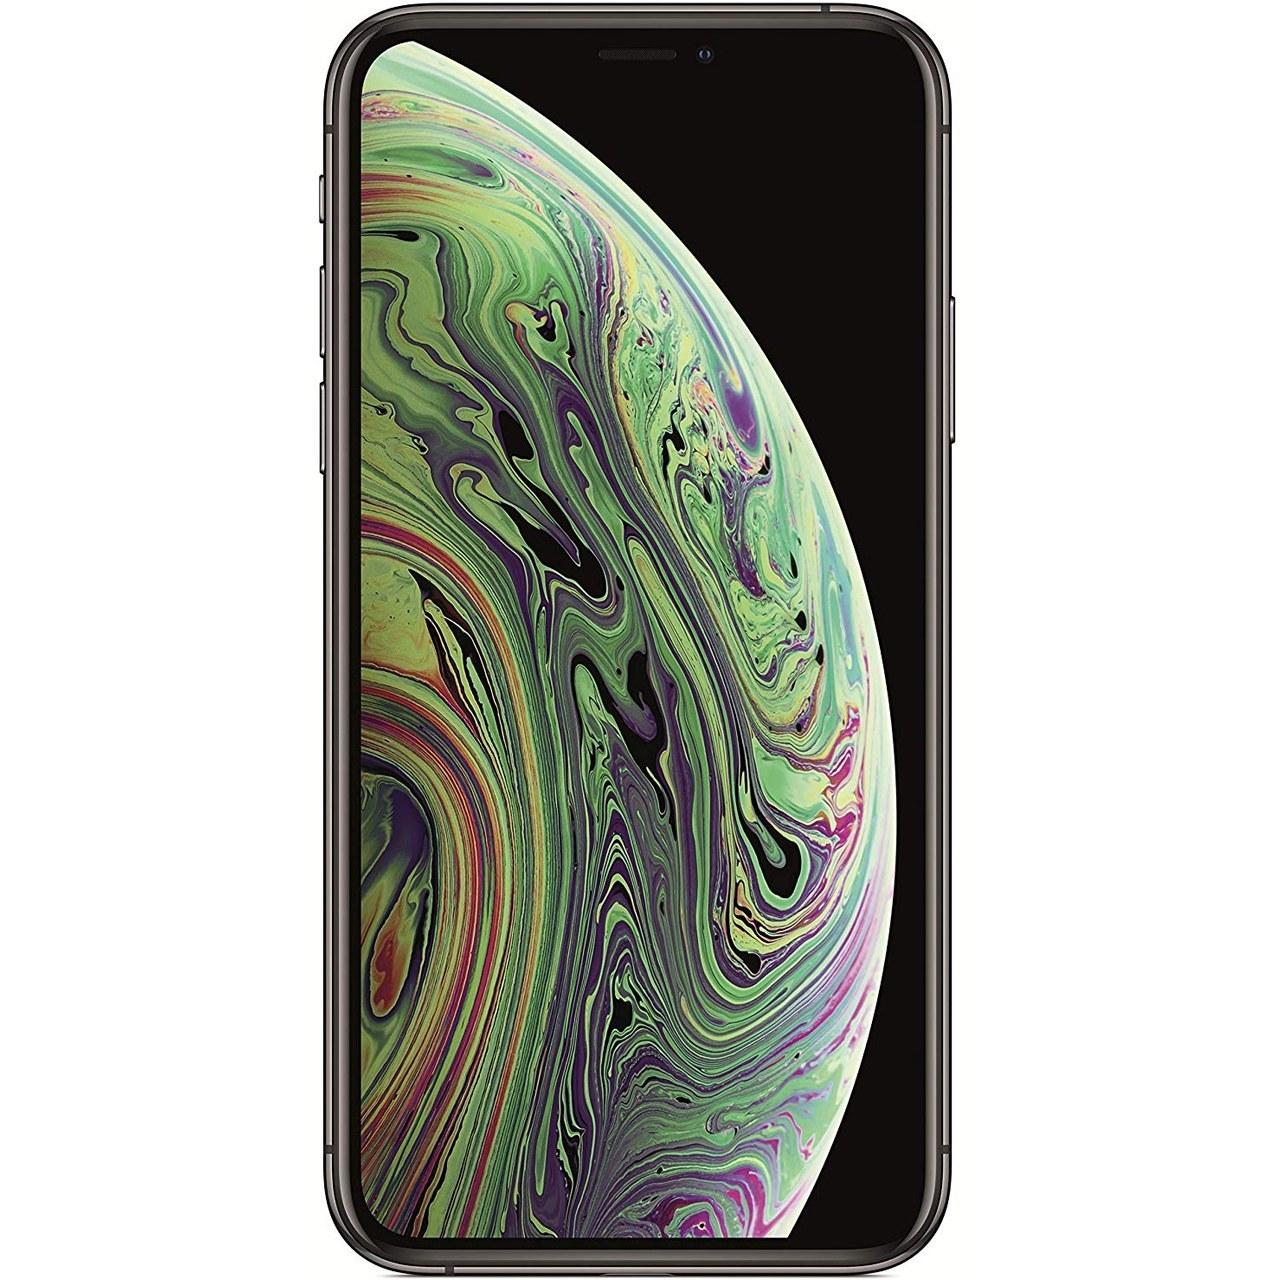 تصویر گوشی اپل آیفون XS | ظرفیت 512 گیگابایت Apple iPhone XS | 512GB